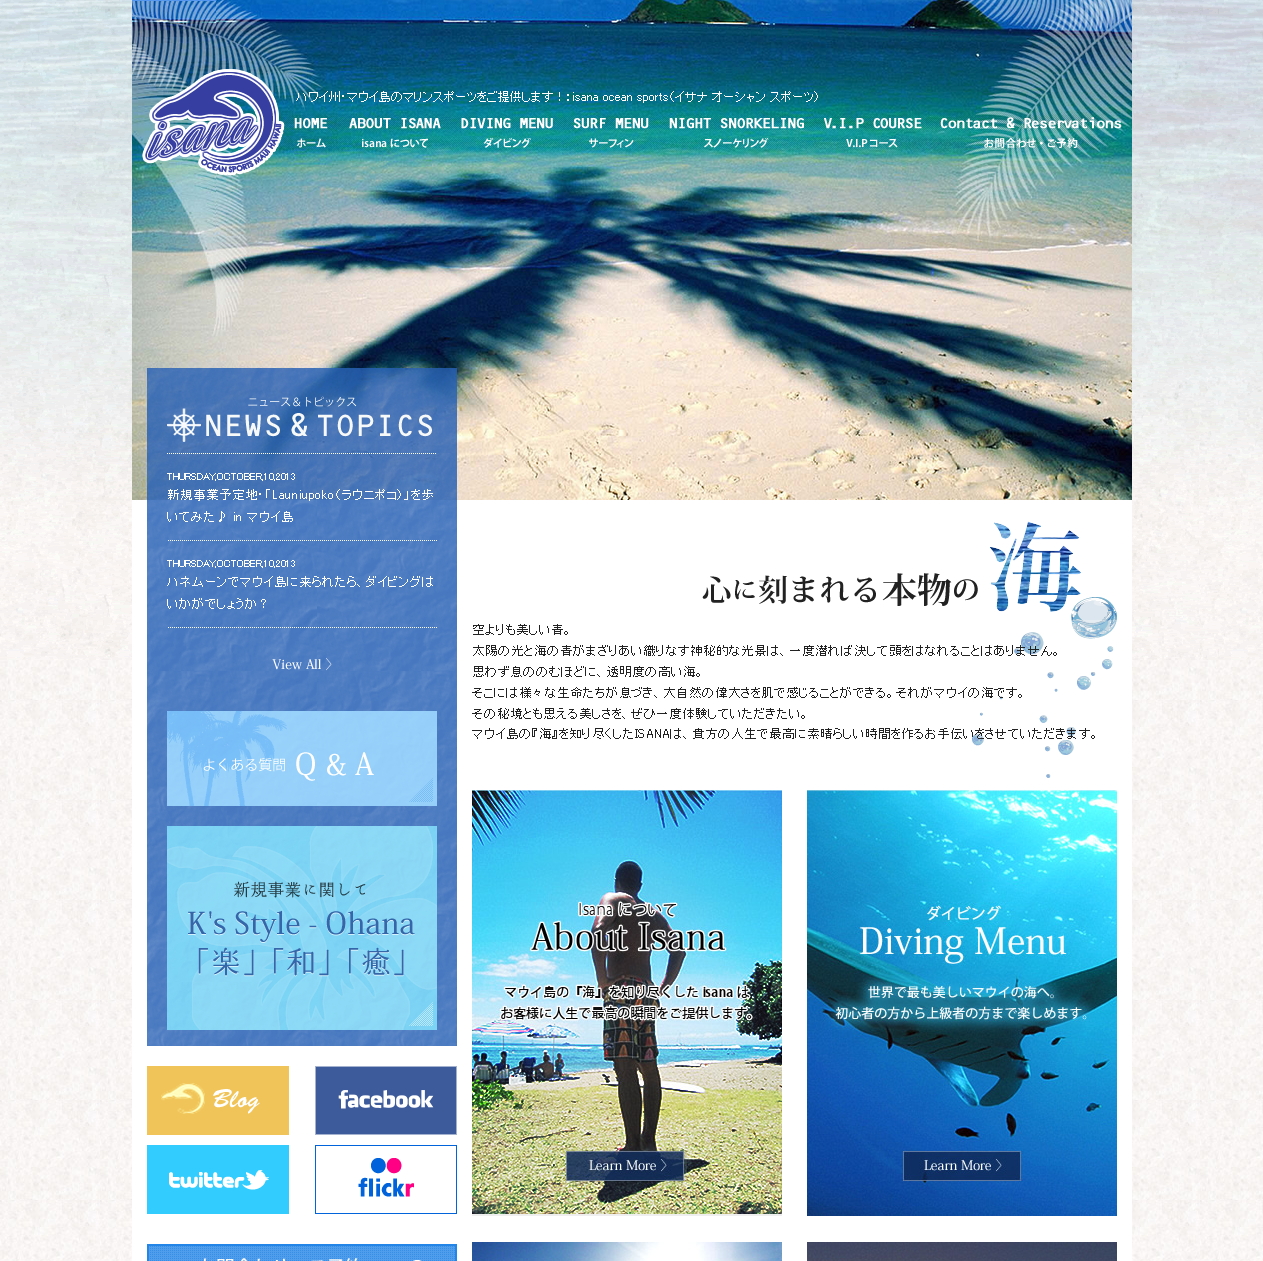 マウイ島のマリンスポーツならisana ocean sports(イサナ オーシャン スポーツ)